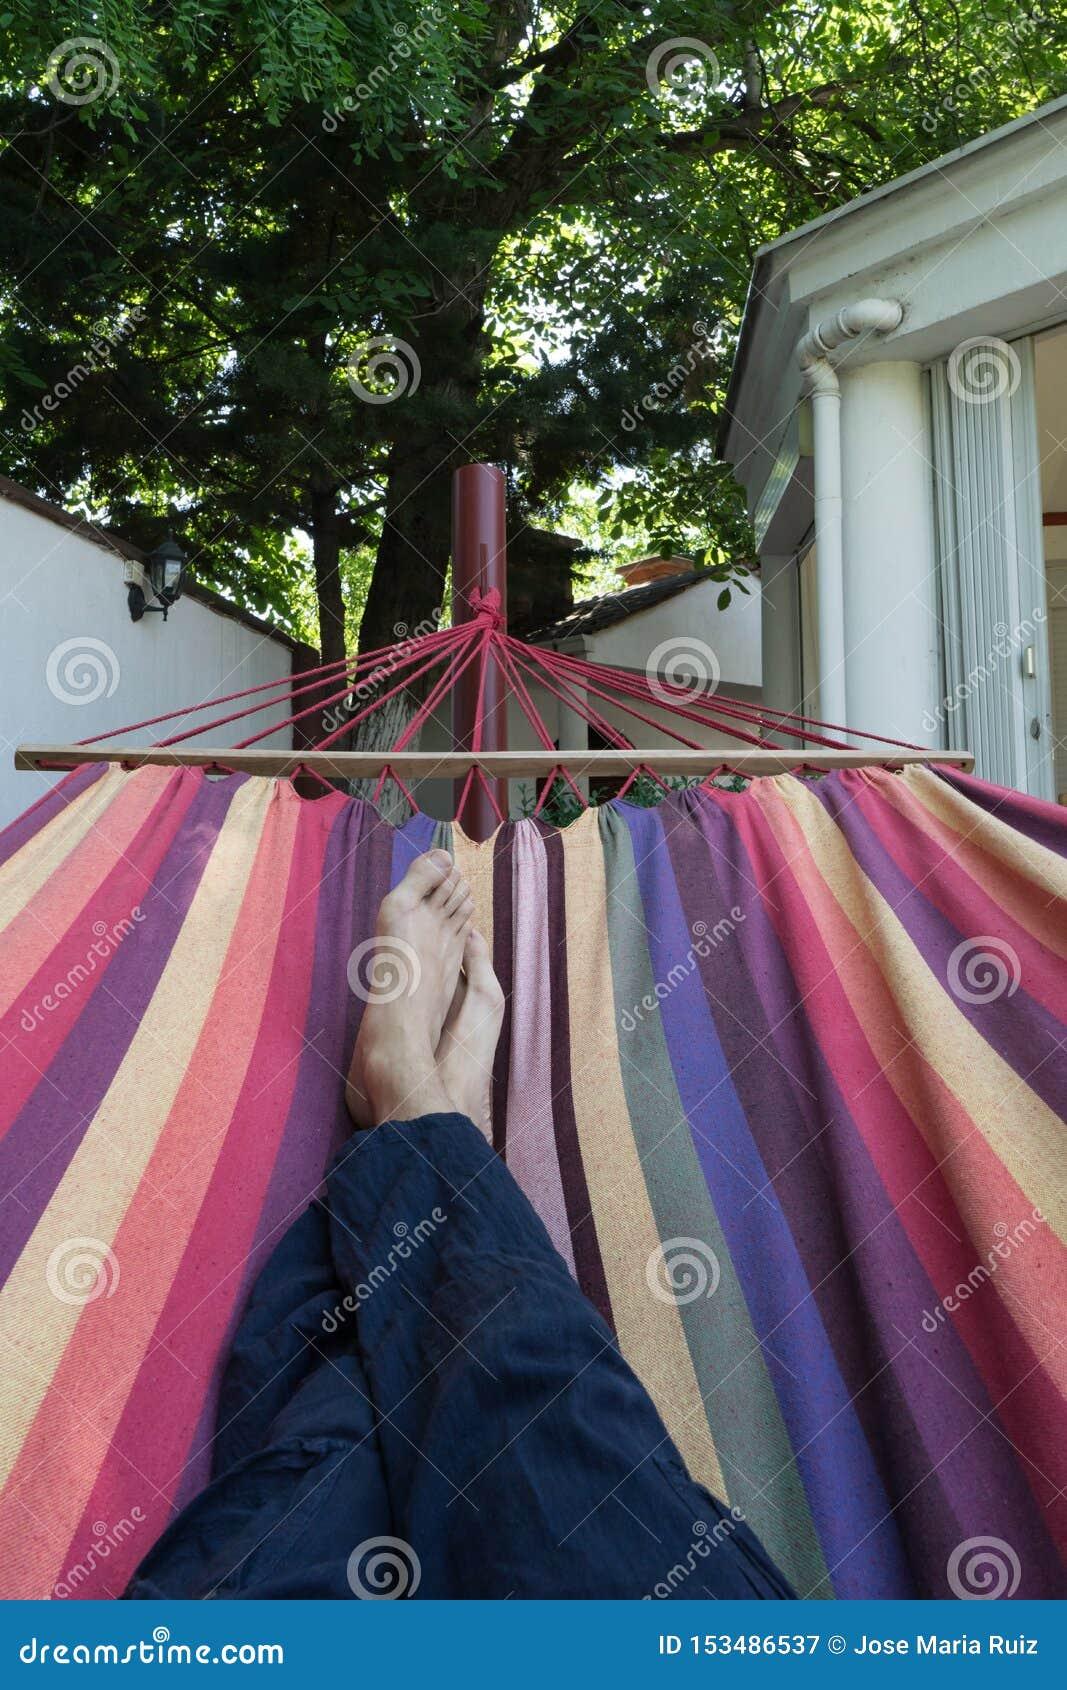 Faceta łgarski puszek w kolorowy hamaka odpoczywać bosy Krzyżować nogi mężczyzna bierze drzemkę w błękitnych hipisów spodniach w